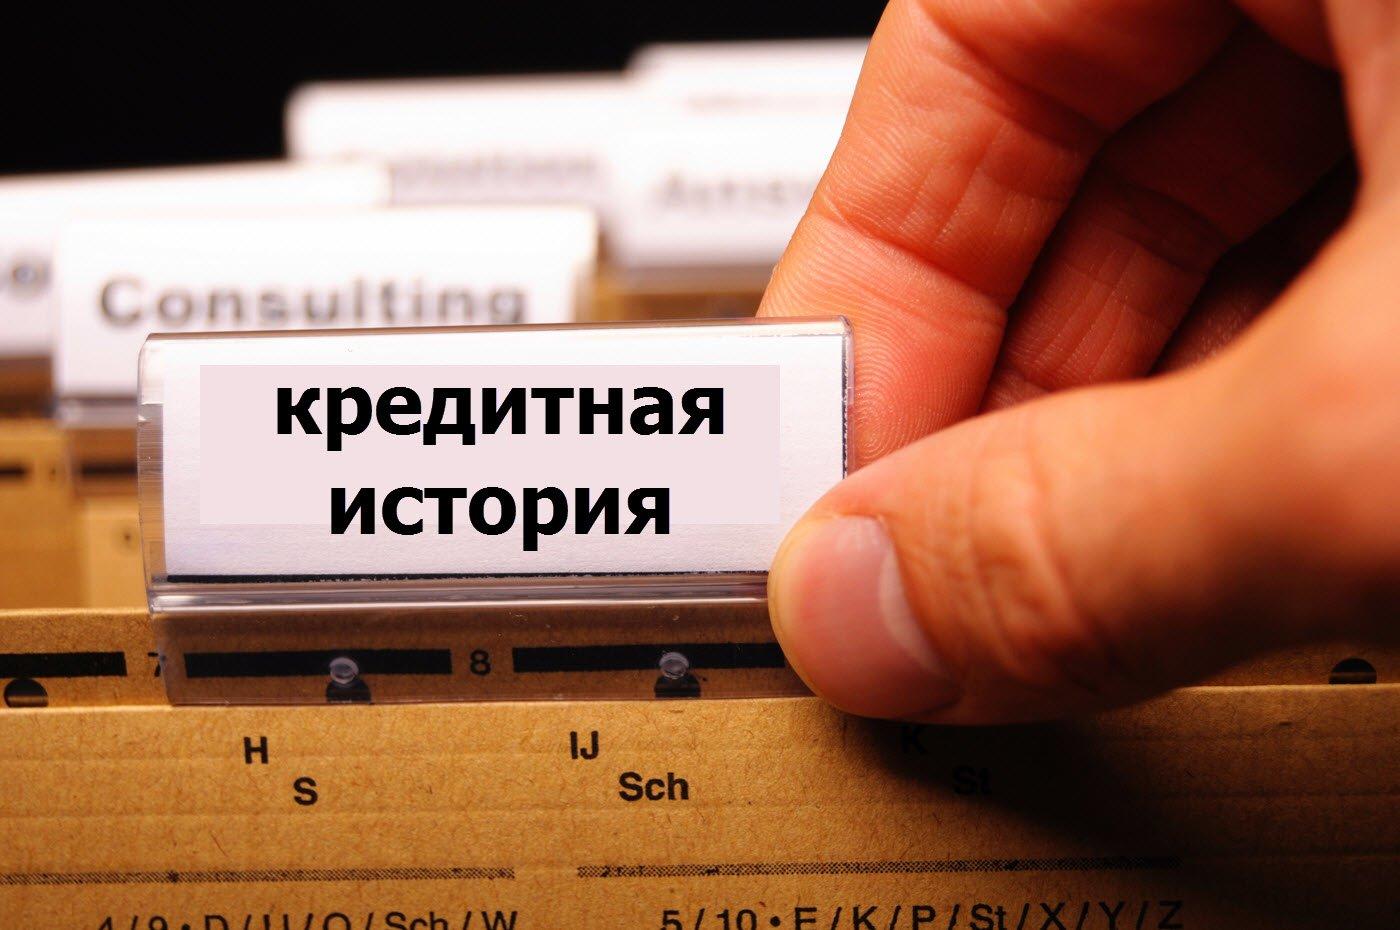 218 фз о кредитных историях изменения кредиты в банках челябинска без справок